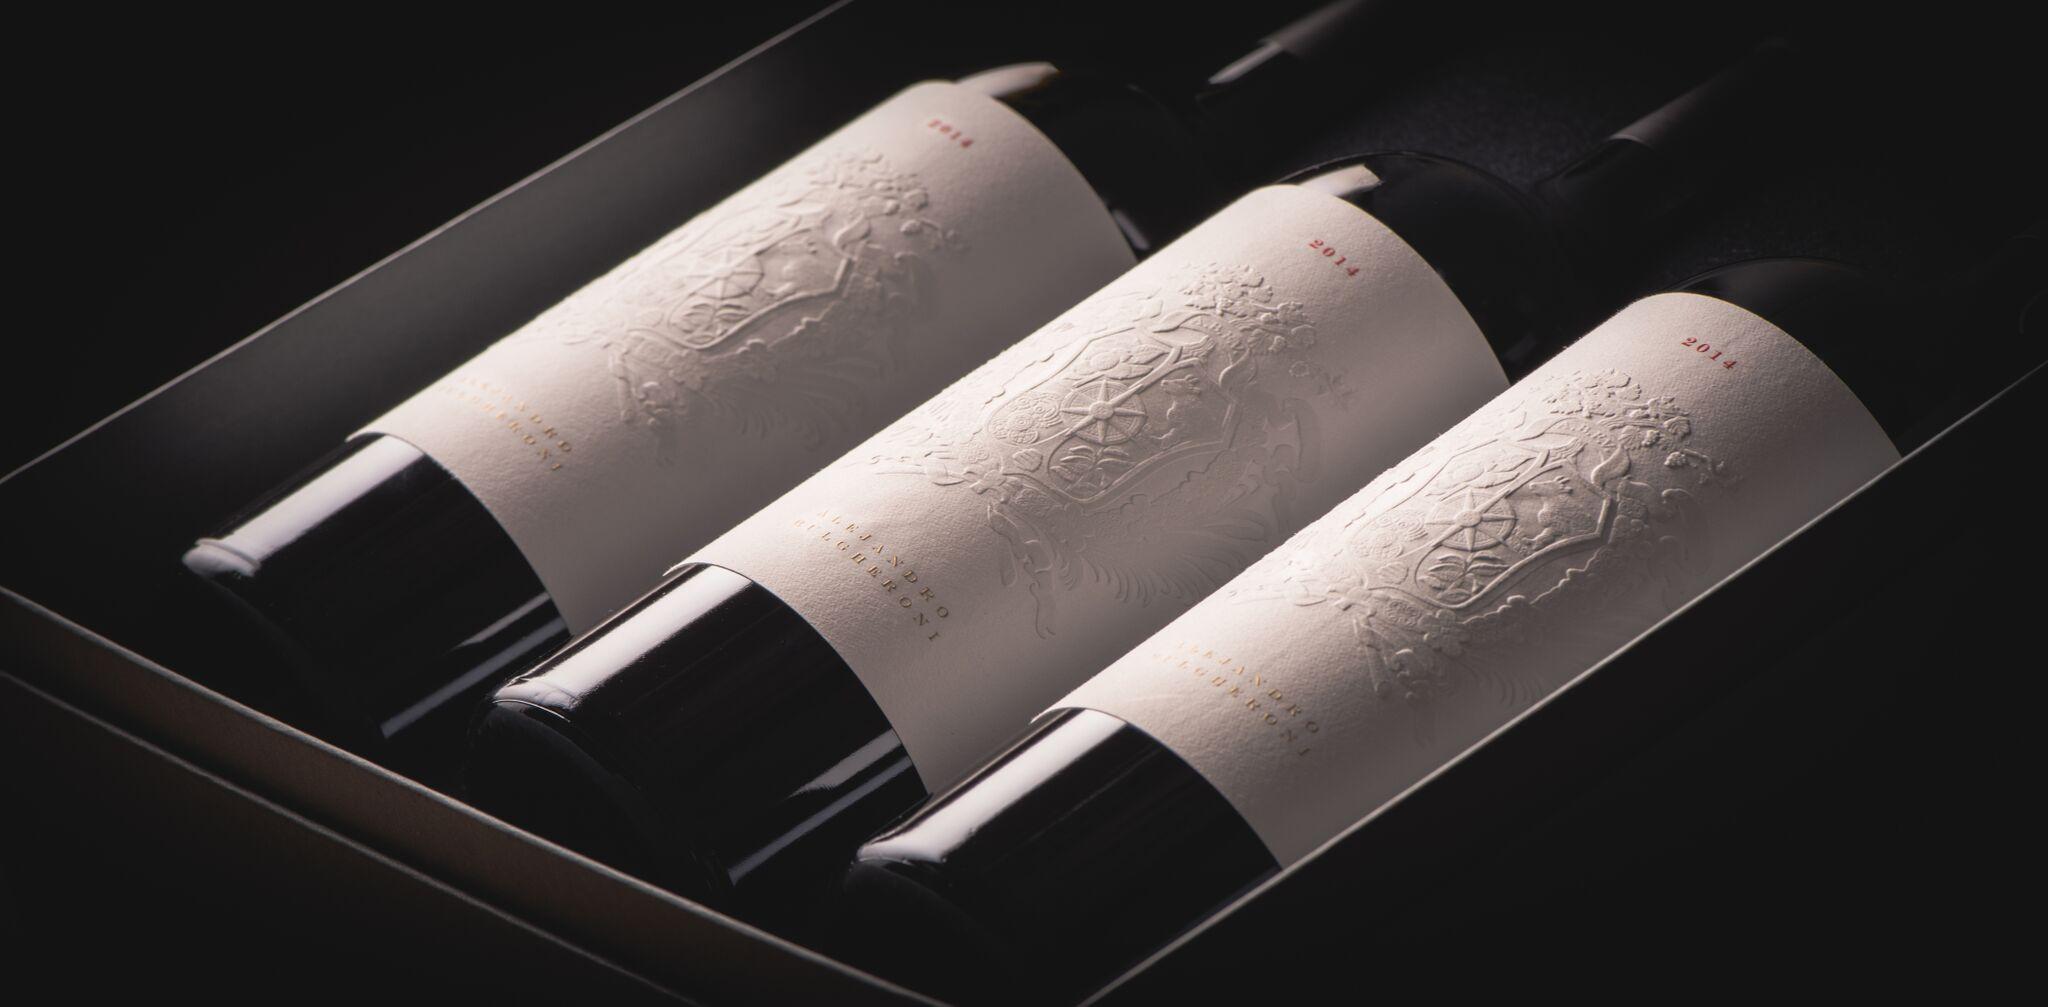 The wine bottles have letterpress labels